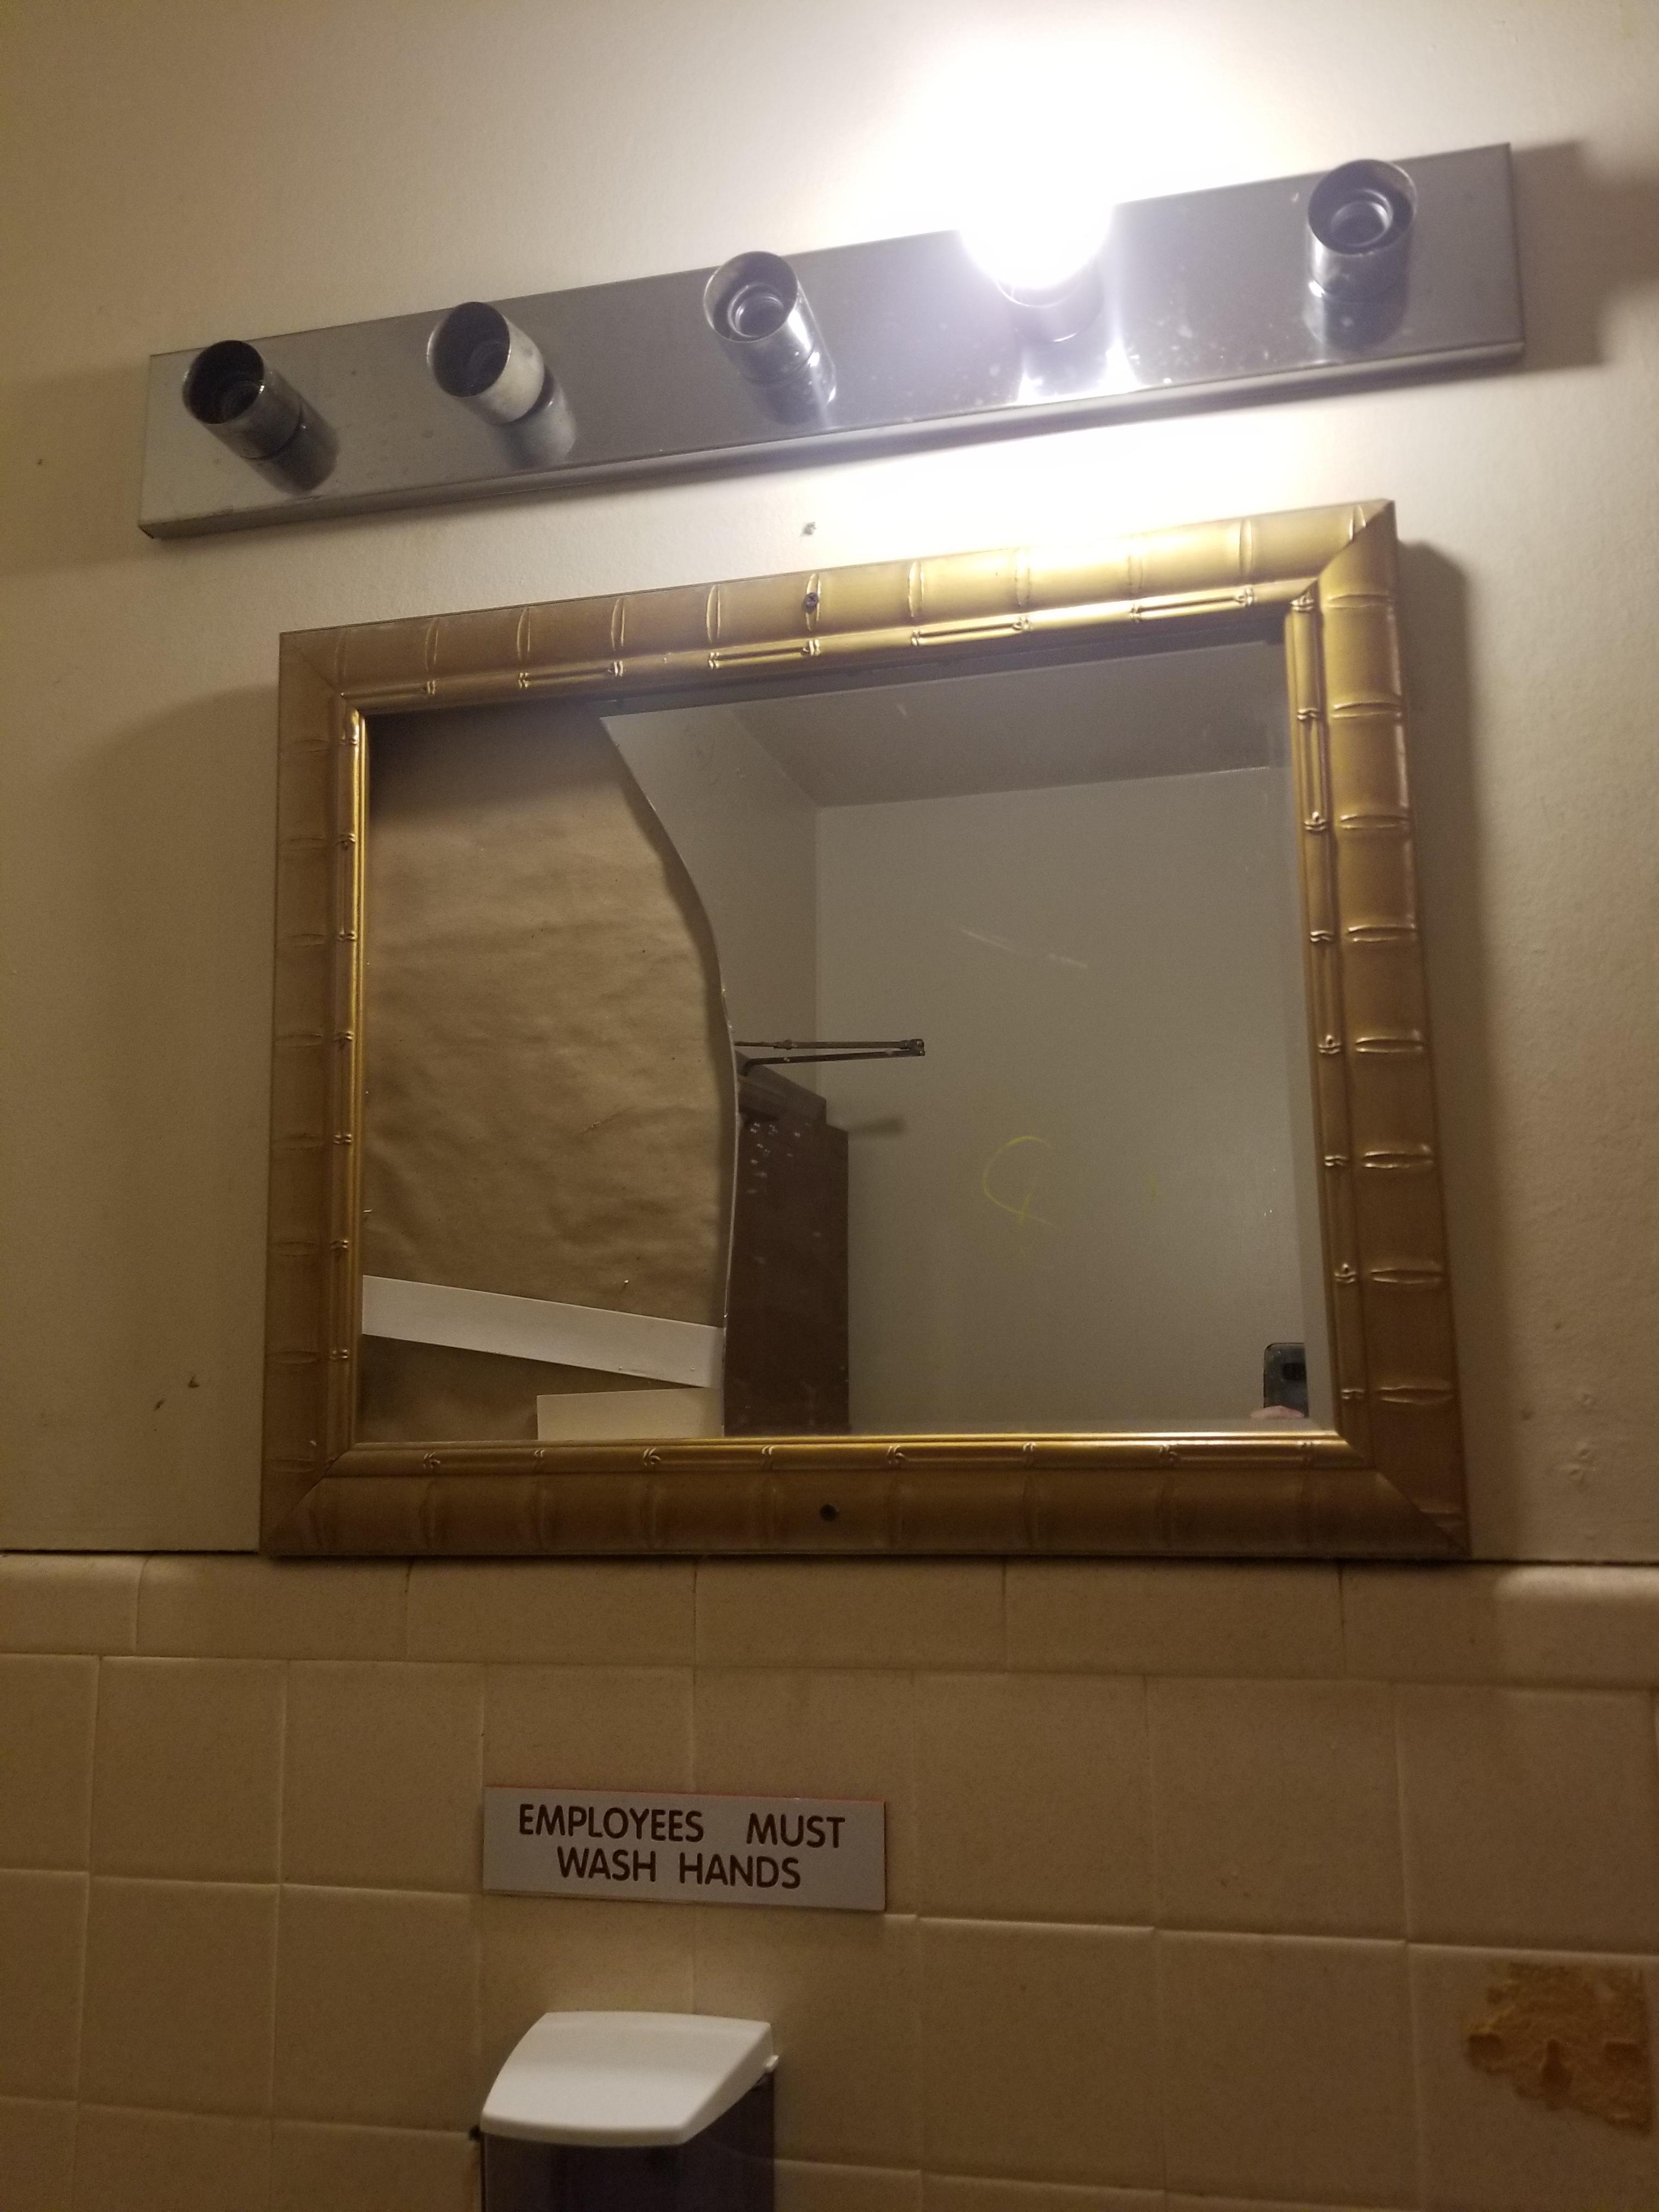 This Broken Mirror In This Bathroom Mildlyinfuriating